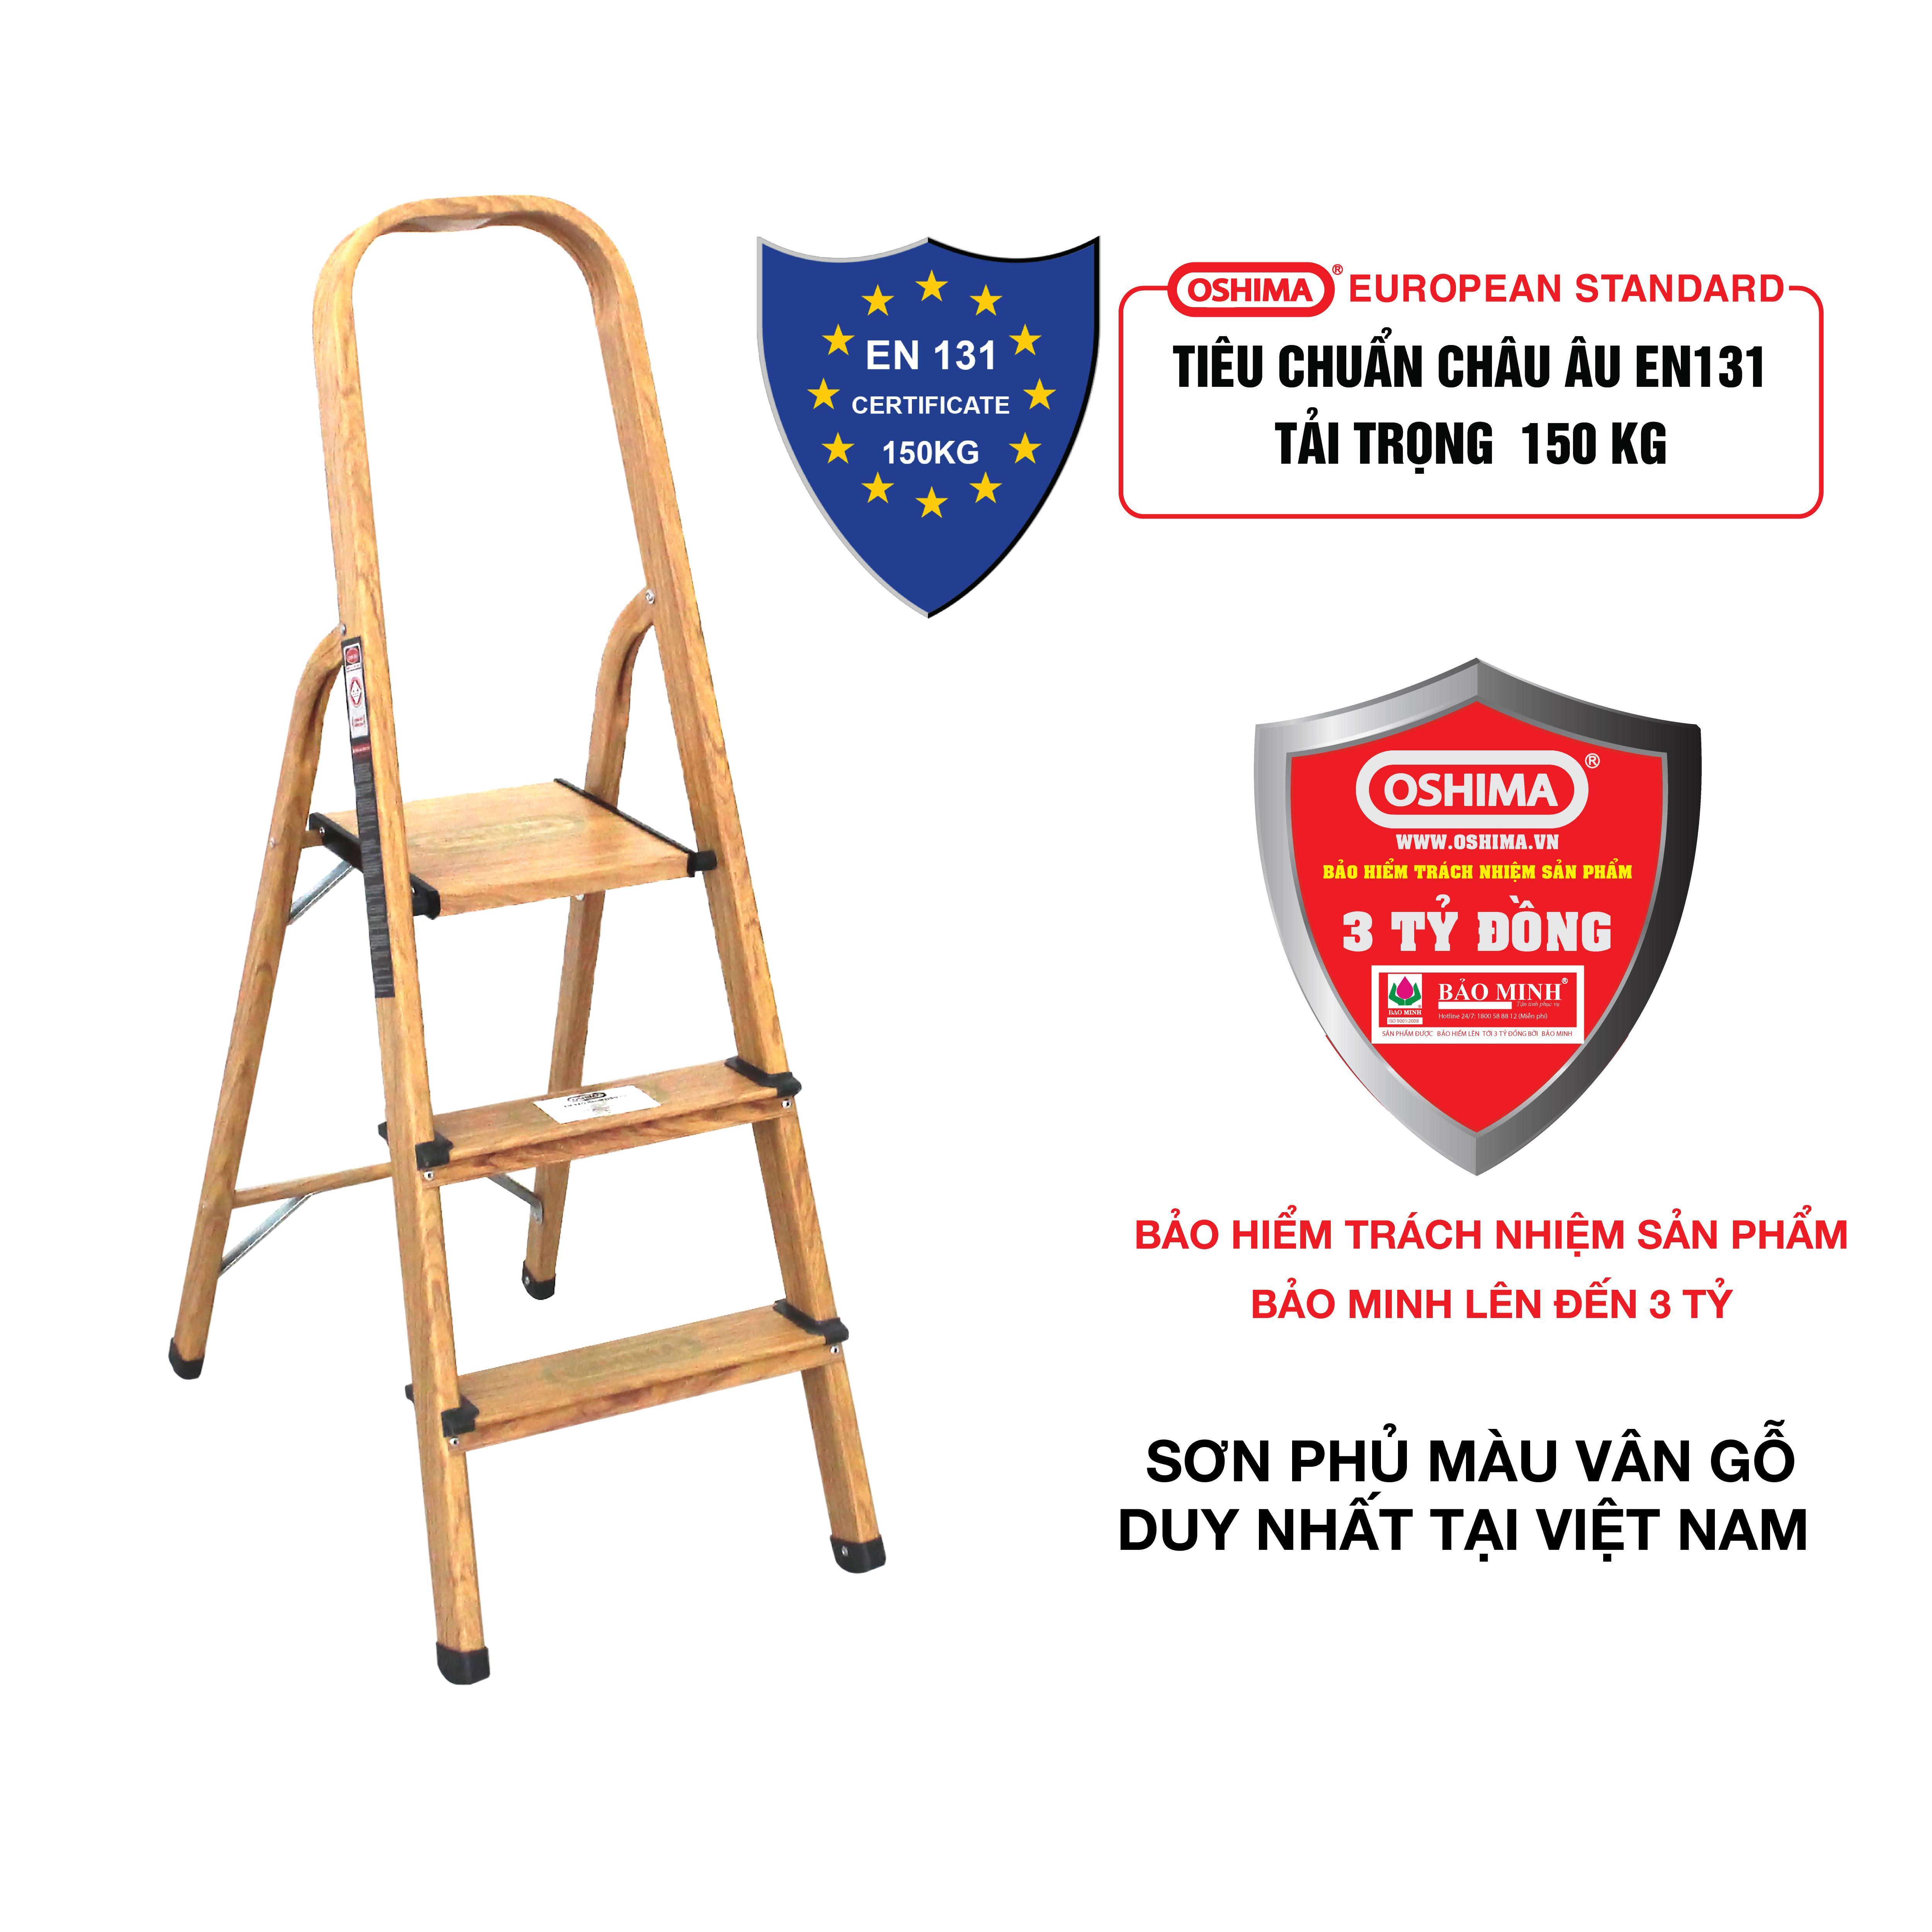 Thang nhôm ghế 3 bậc Oshima TG3 – Thang nhôm gia đình - Bảo hiểm trách nhiệm chất lượng sản phẩm Bảo minh lên đến 3 tỷ đồng - Bảo hành 12 tháng